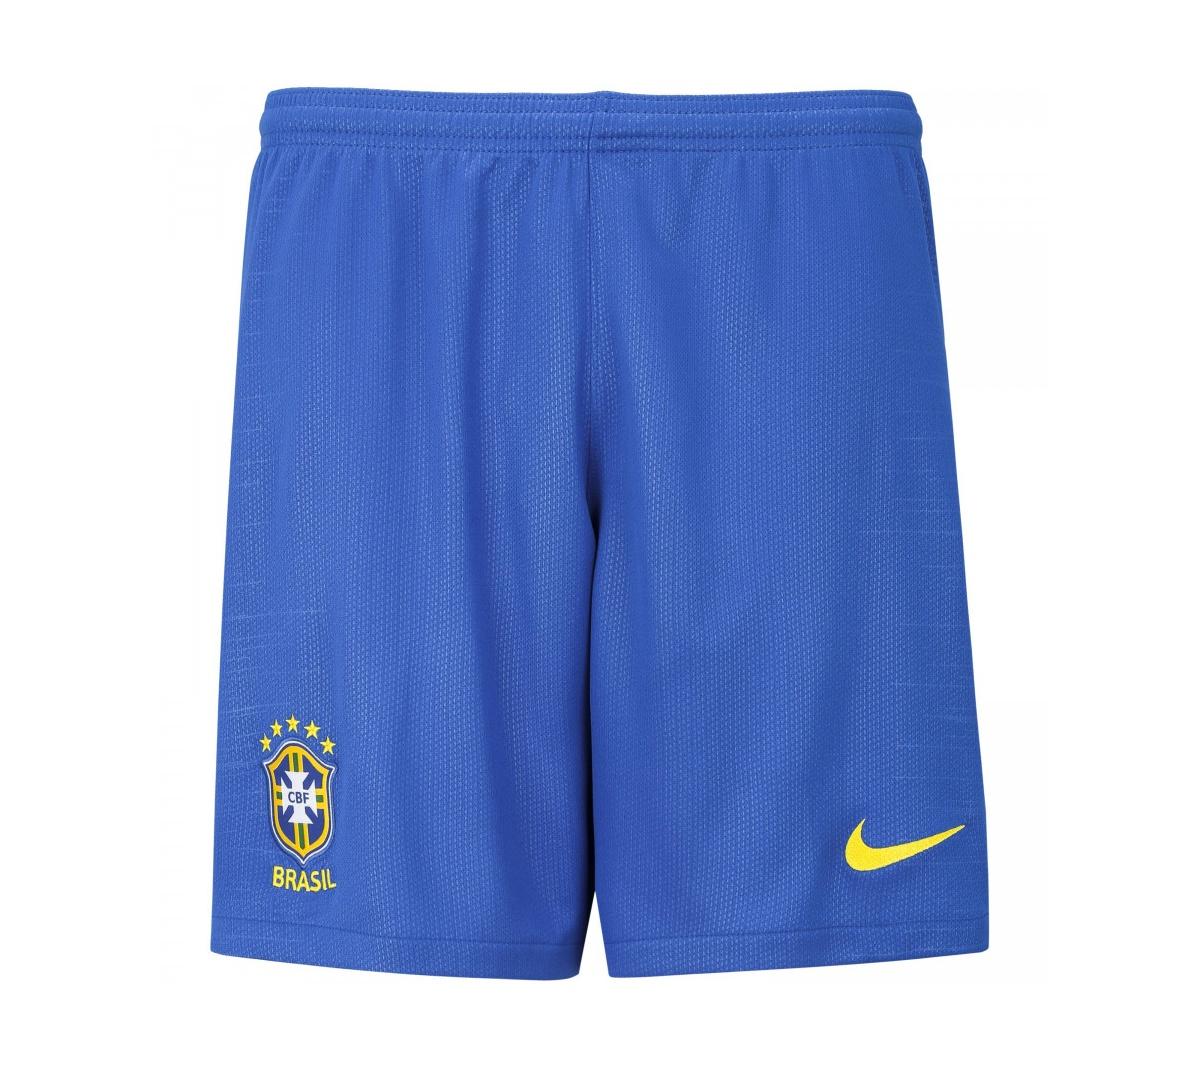 Calção Nike Brasil  I 2018/19 Torcedor Infantil